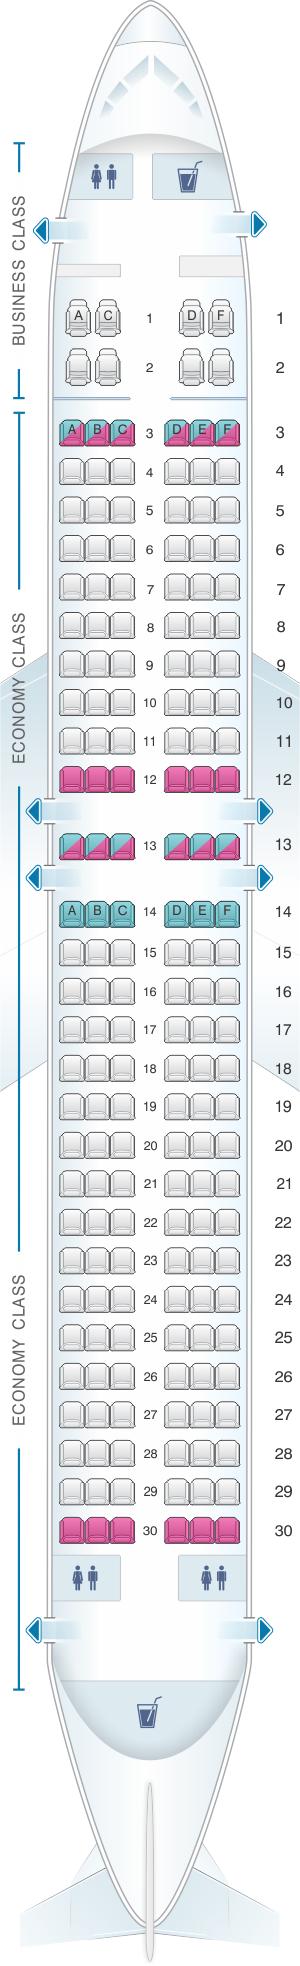 Seat map for Virgin Australia Boeing B737 800